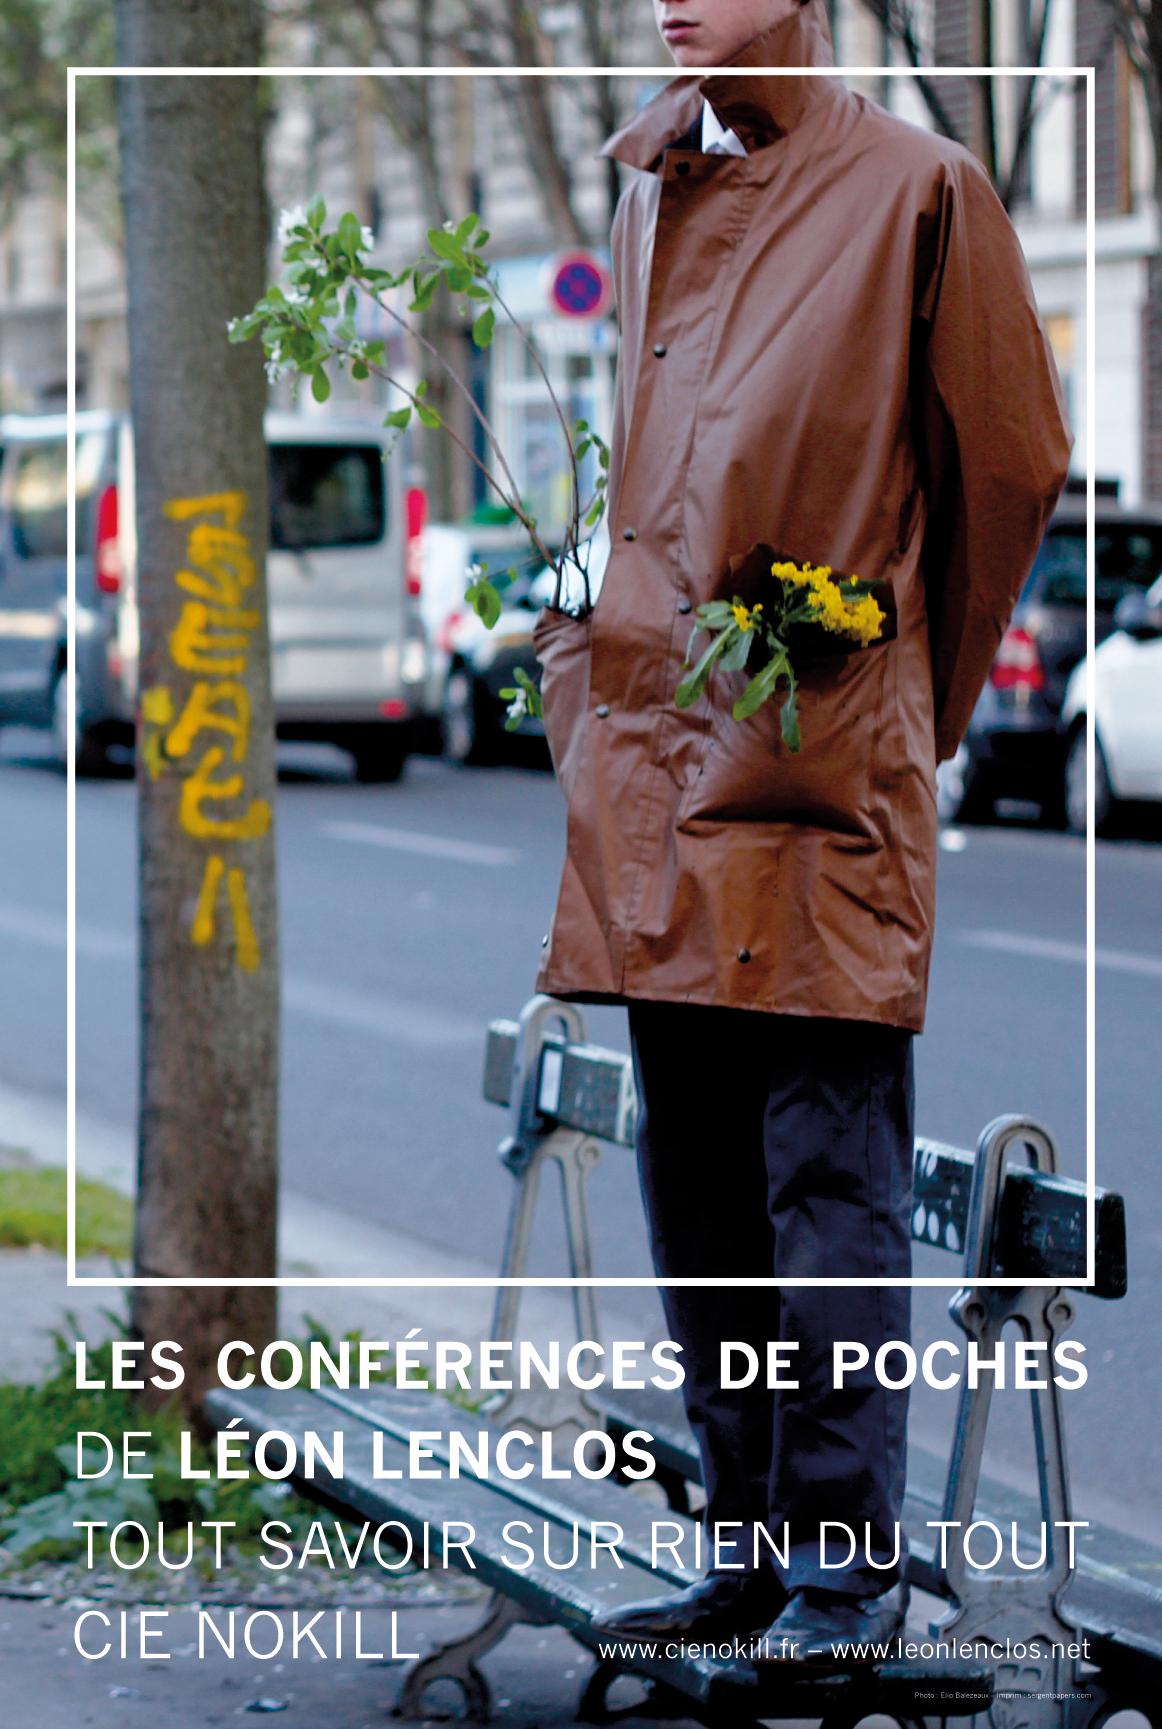 Affiche Conferences de poche